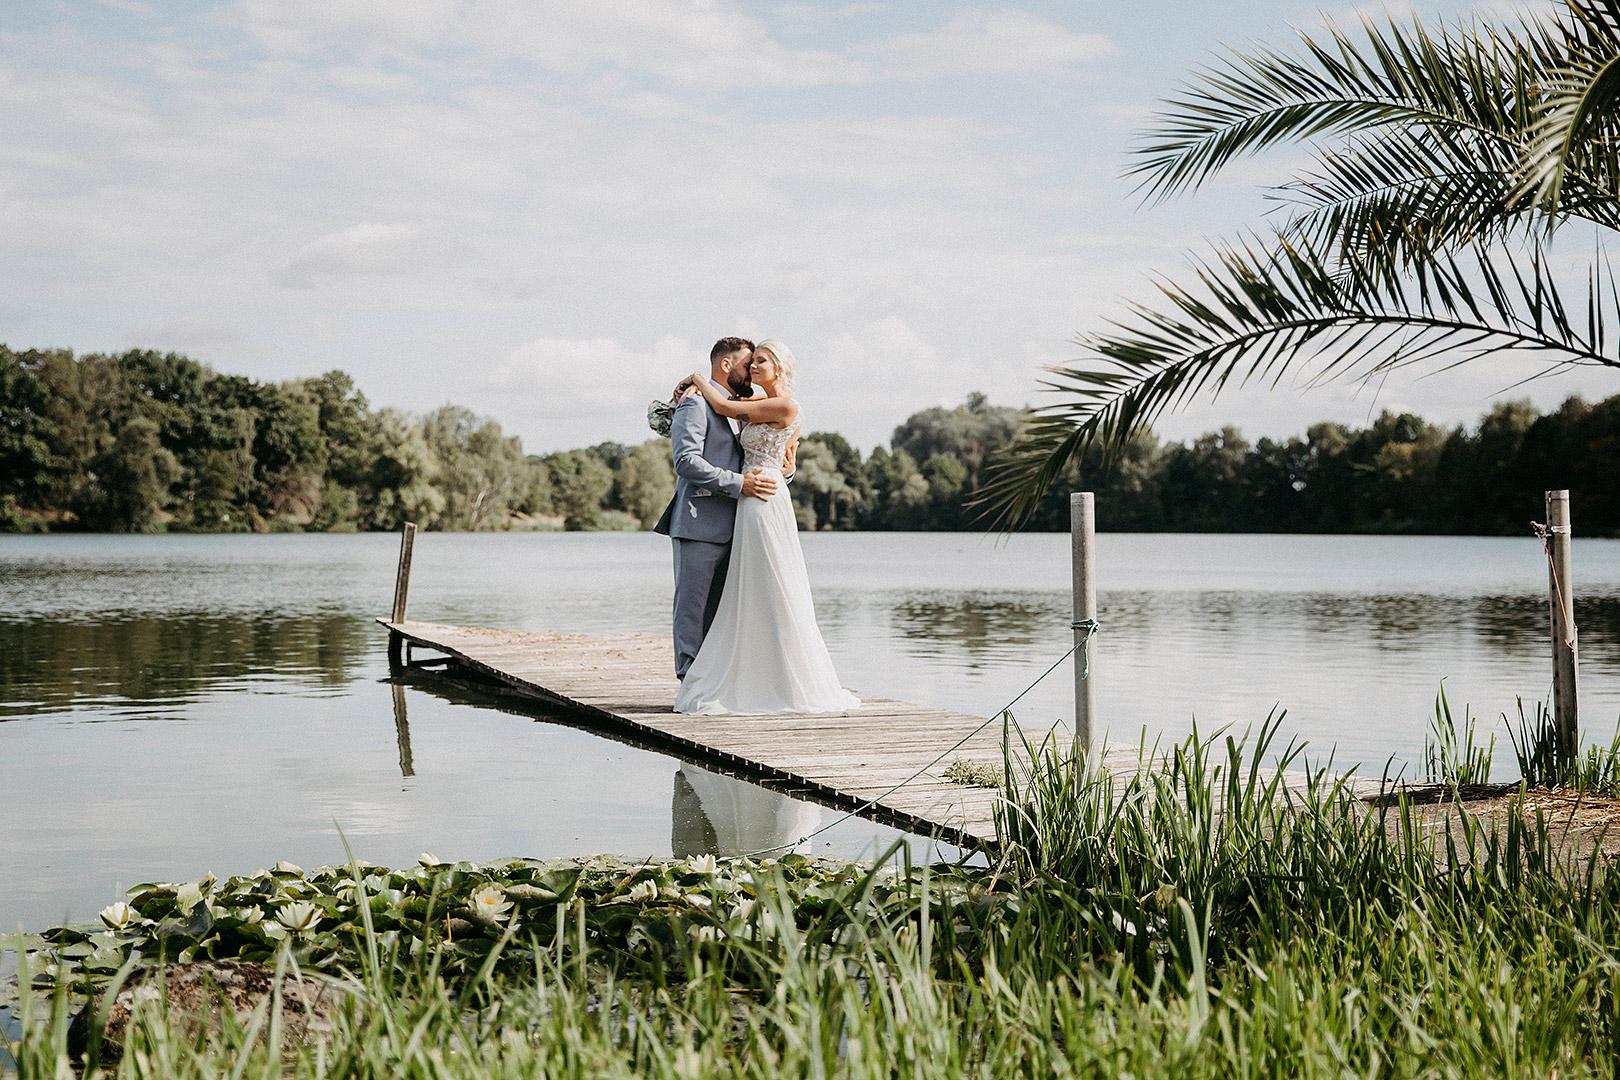 portrait_wedding_seeliebe_birkensee_33